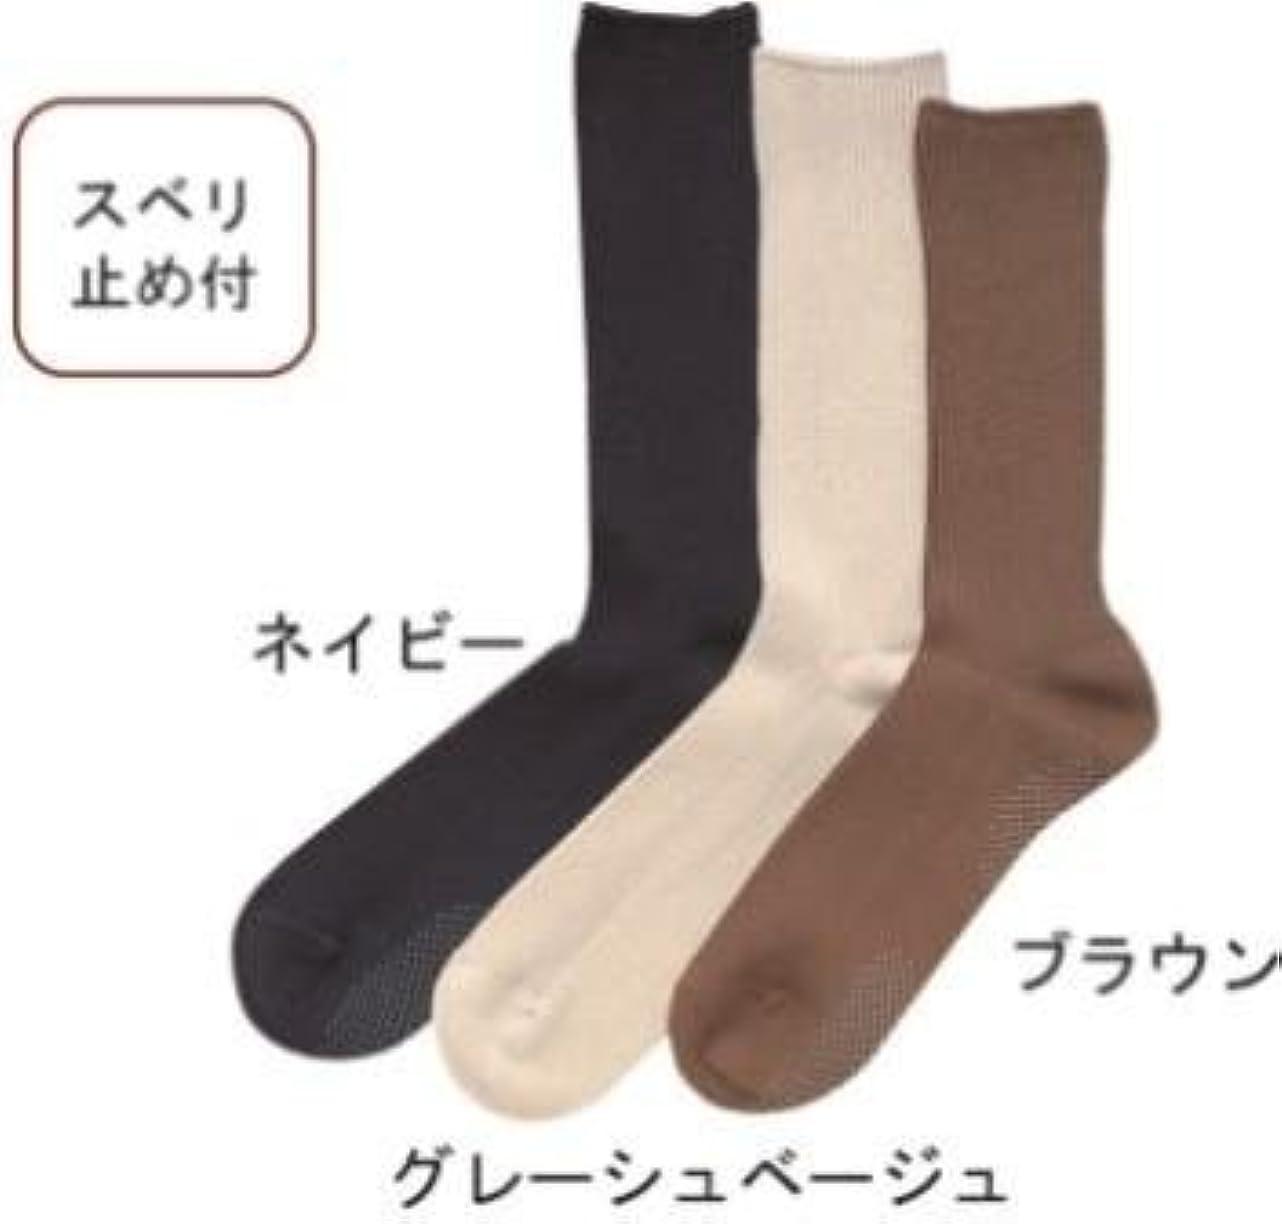 胸ますます尊厳靴下 紳士ソックス(通年用) (HL713):26~28cm ブラウン